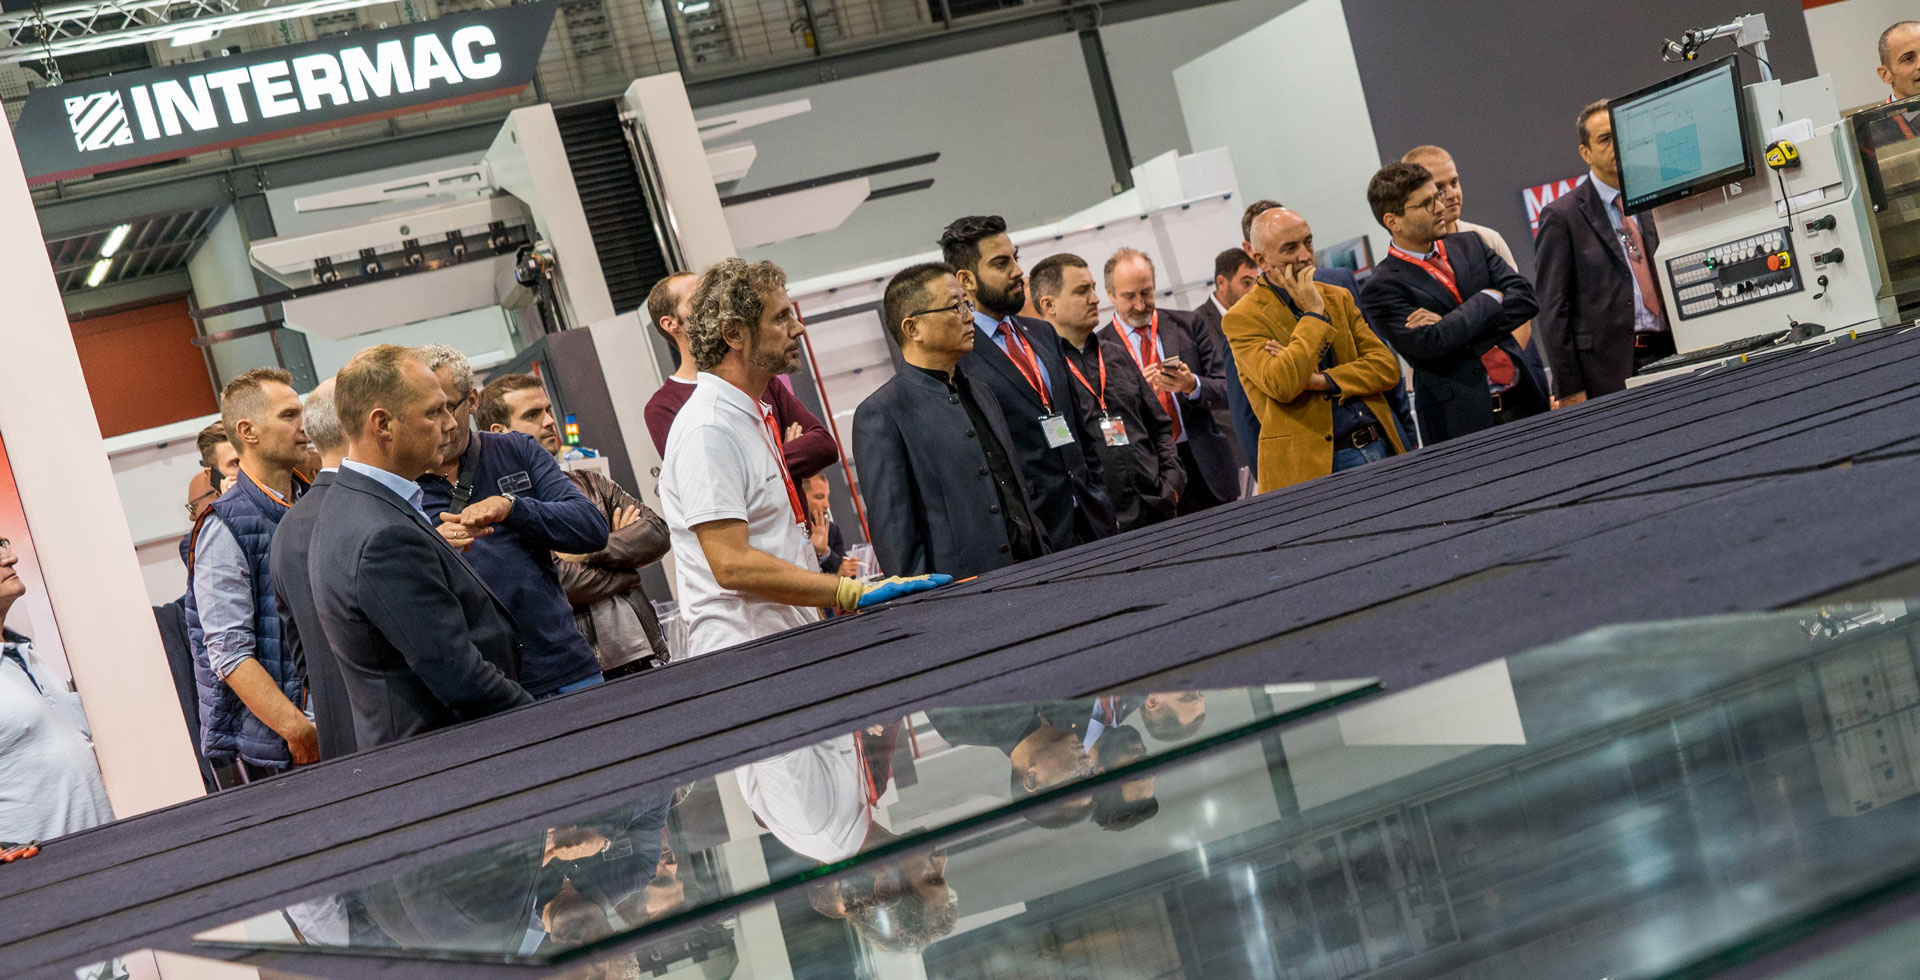 Intermac a Vitrum 2017, il vetro incontra la massima performance nell'epoca digitale